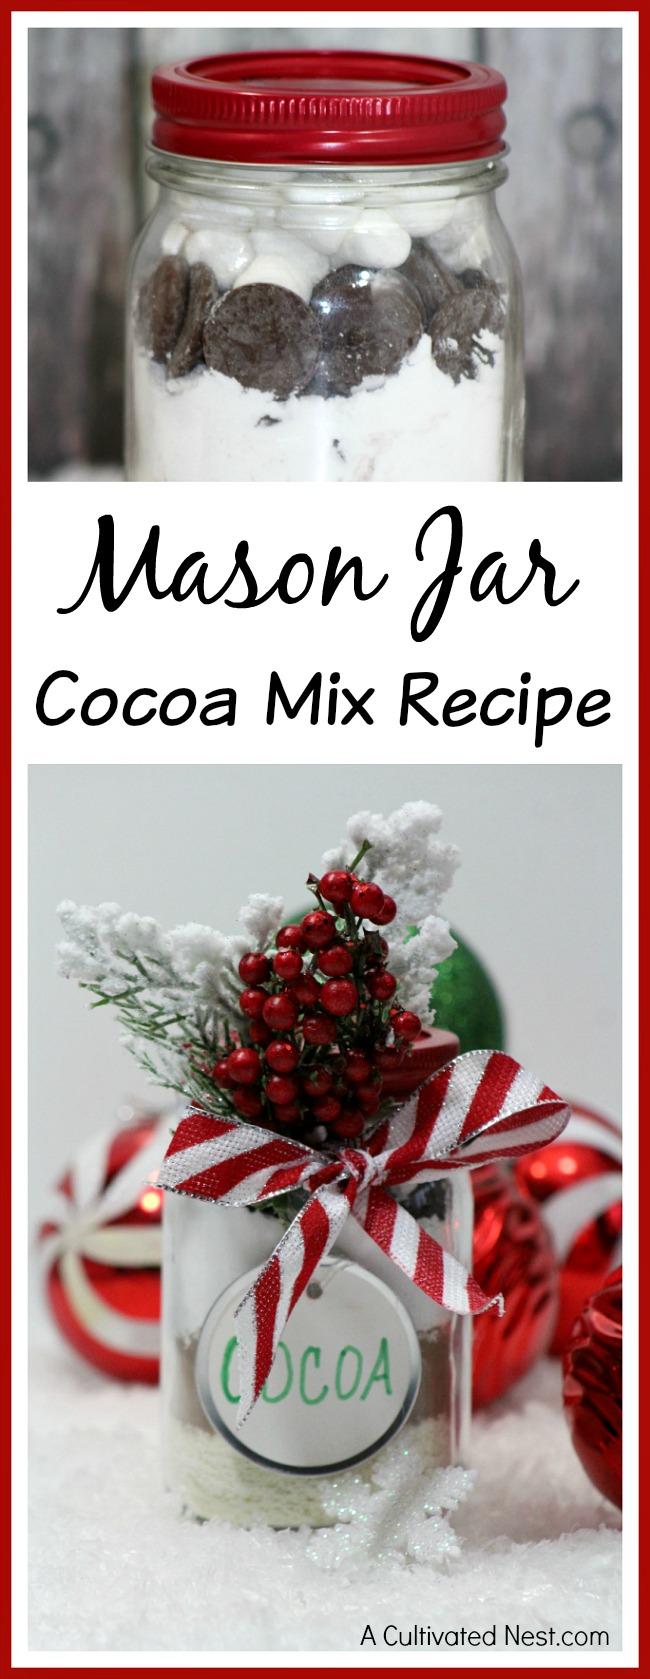 Mason Jar Cocoa Mix